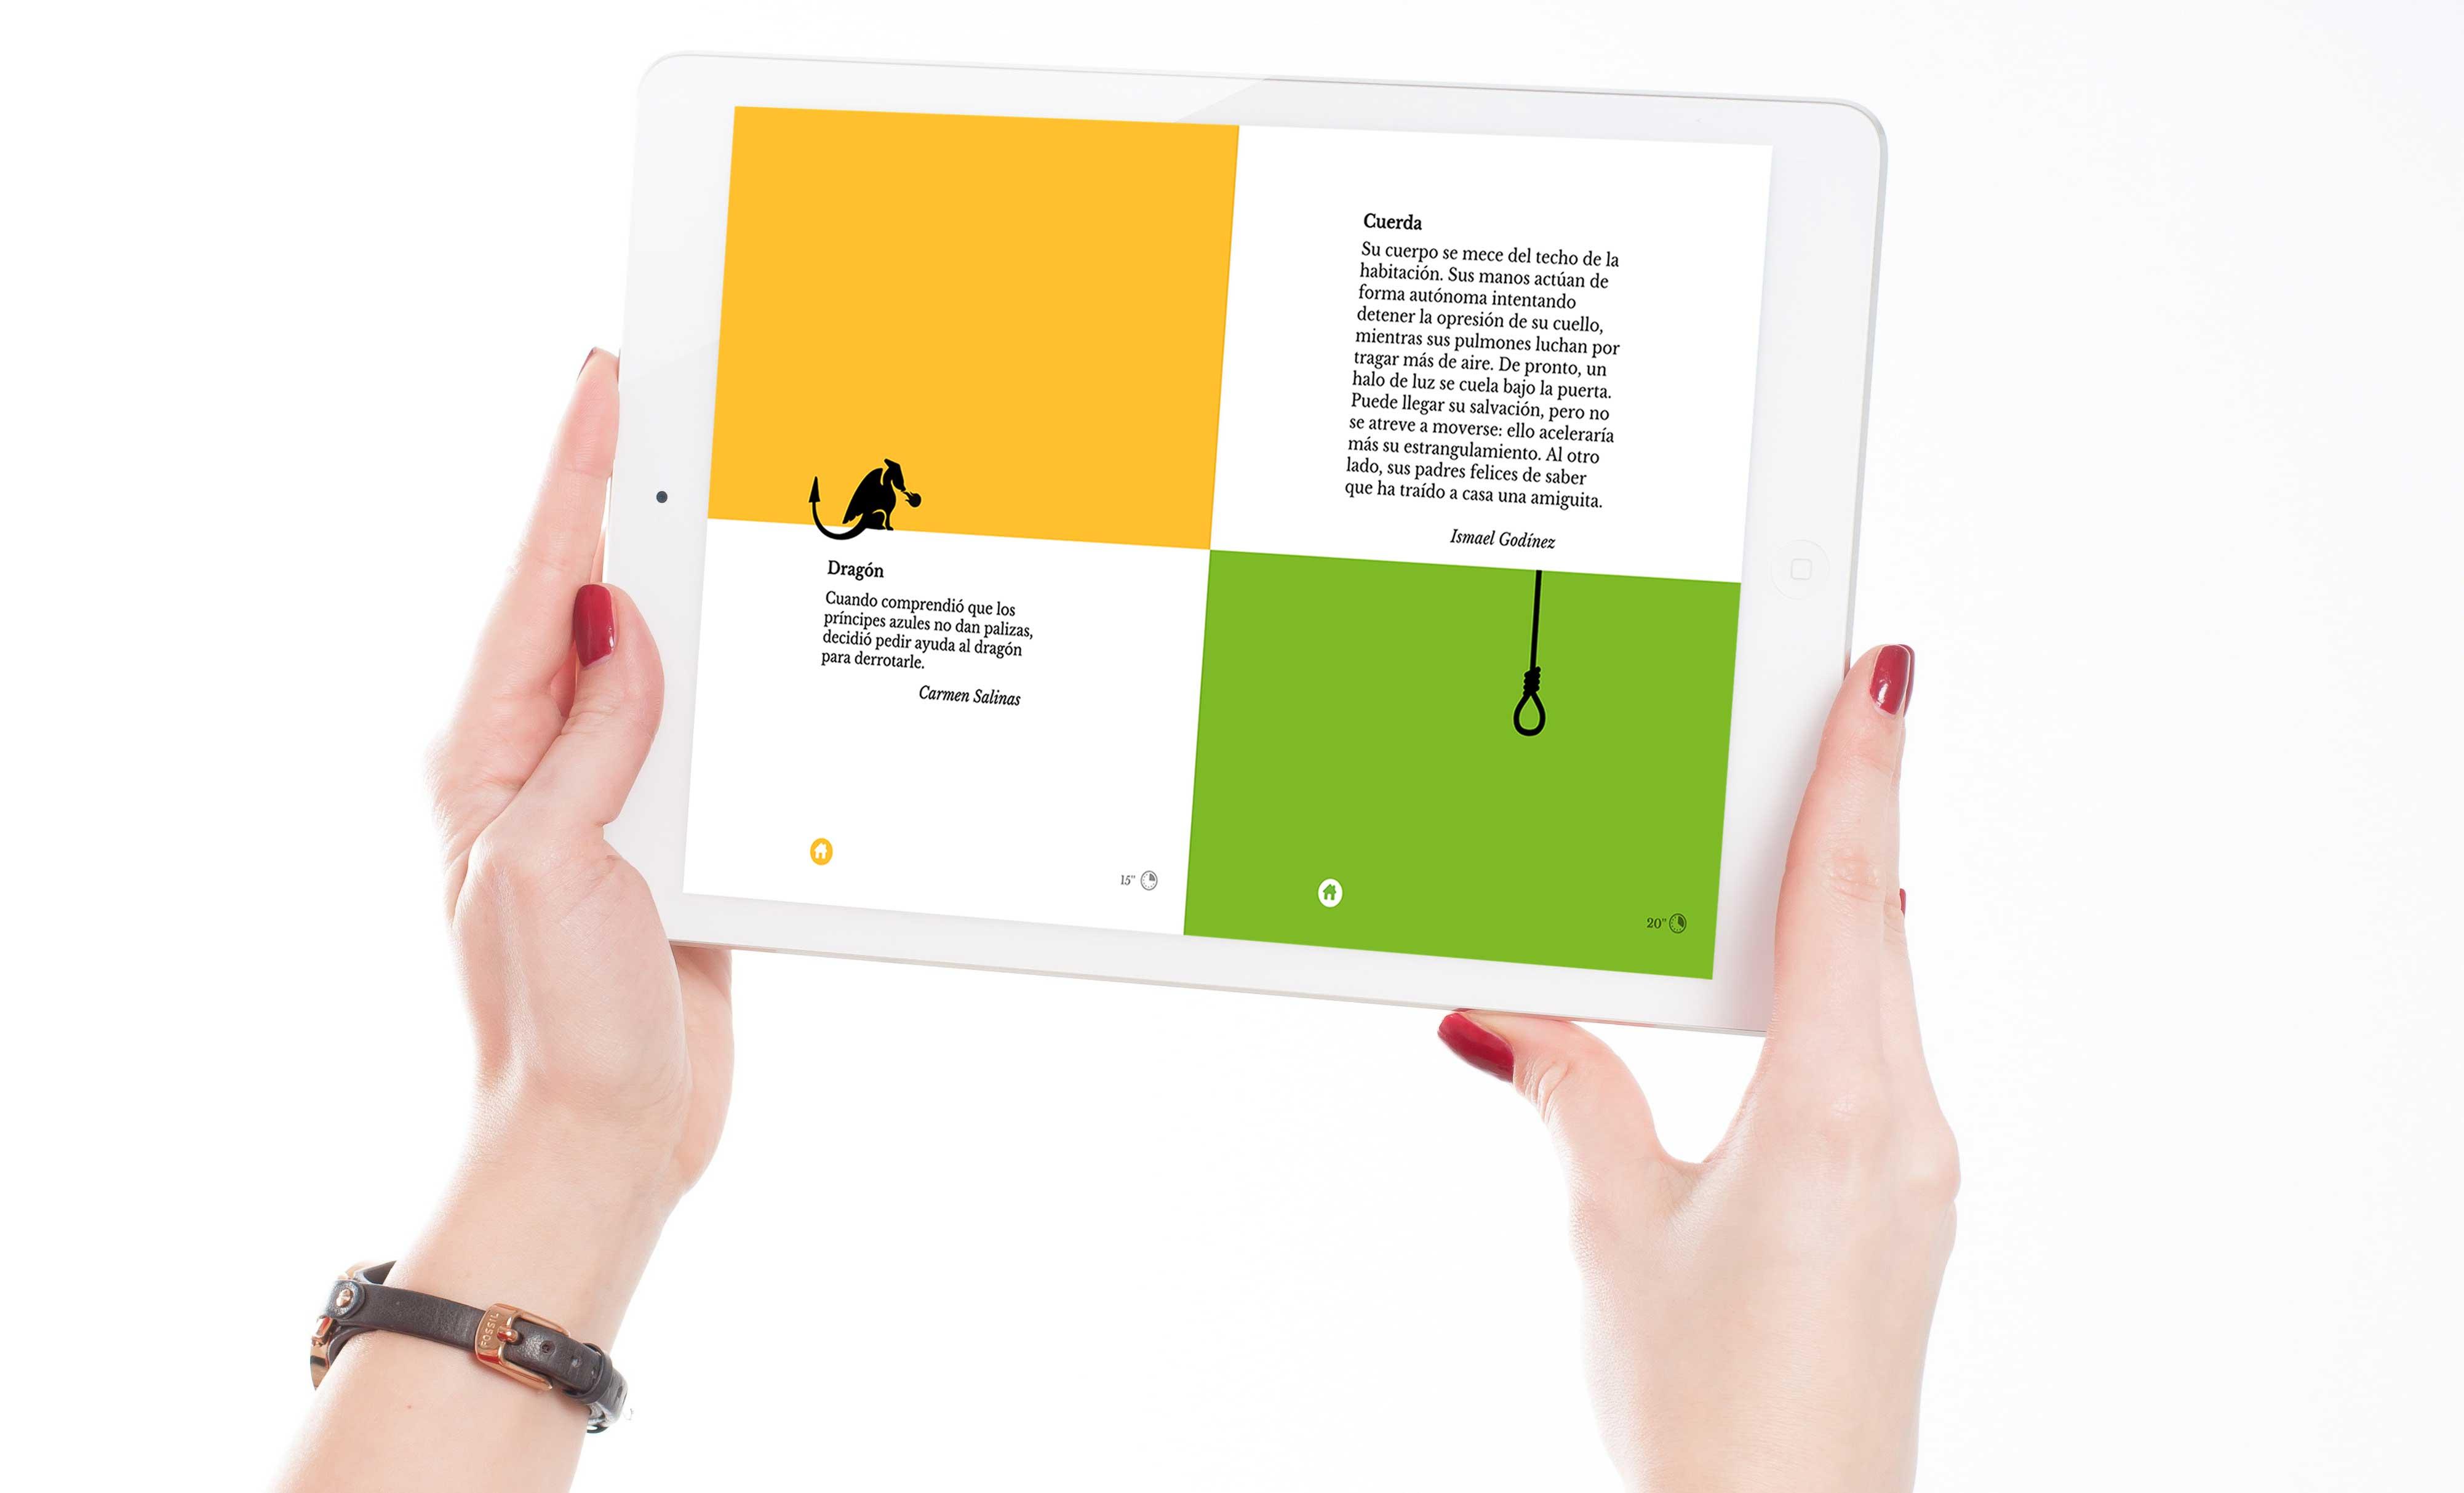 Disseny-Llibre-Llibres-Interactius-Disculpi-Studio-Angels-Pinyol-Ebook-Epub-Digital-Book-Graphic-Design